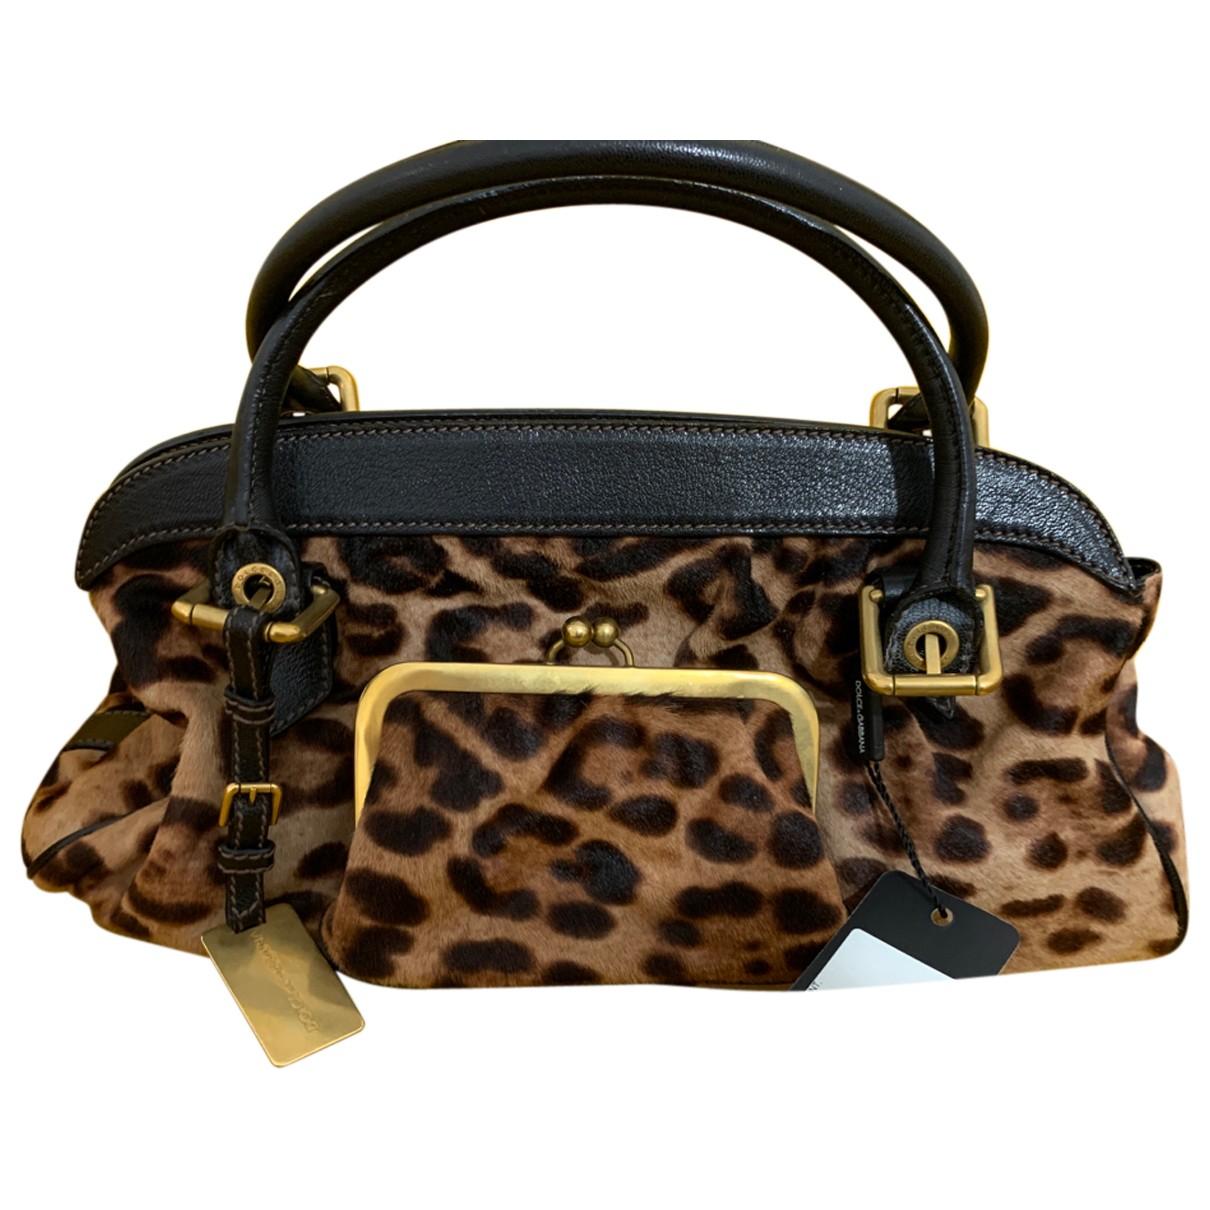 Dolce & Gabbana \N Handtasche in Kalbsleder in Pony-Optik